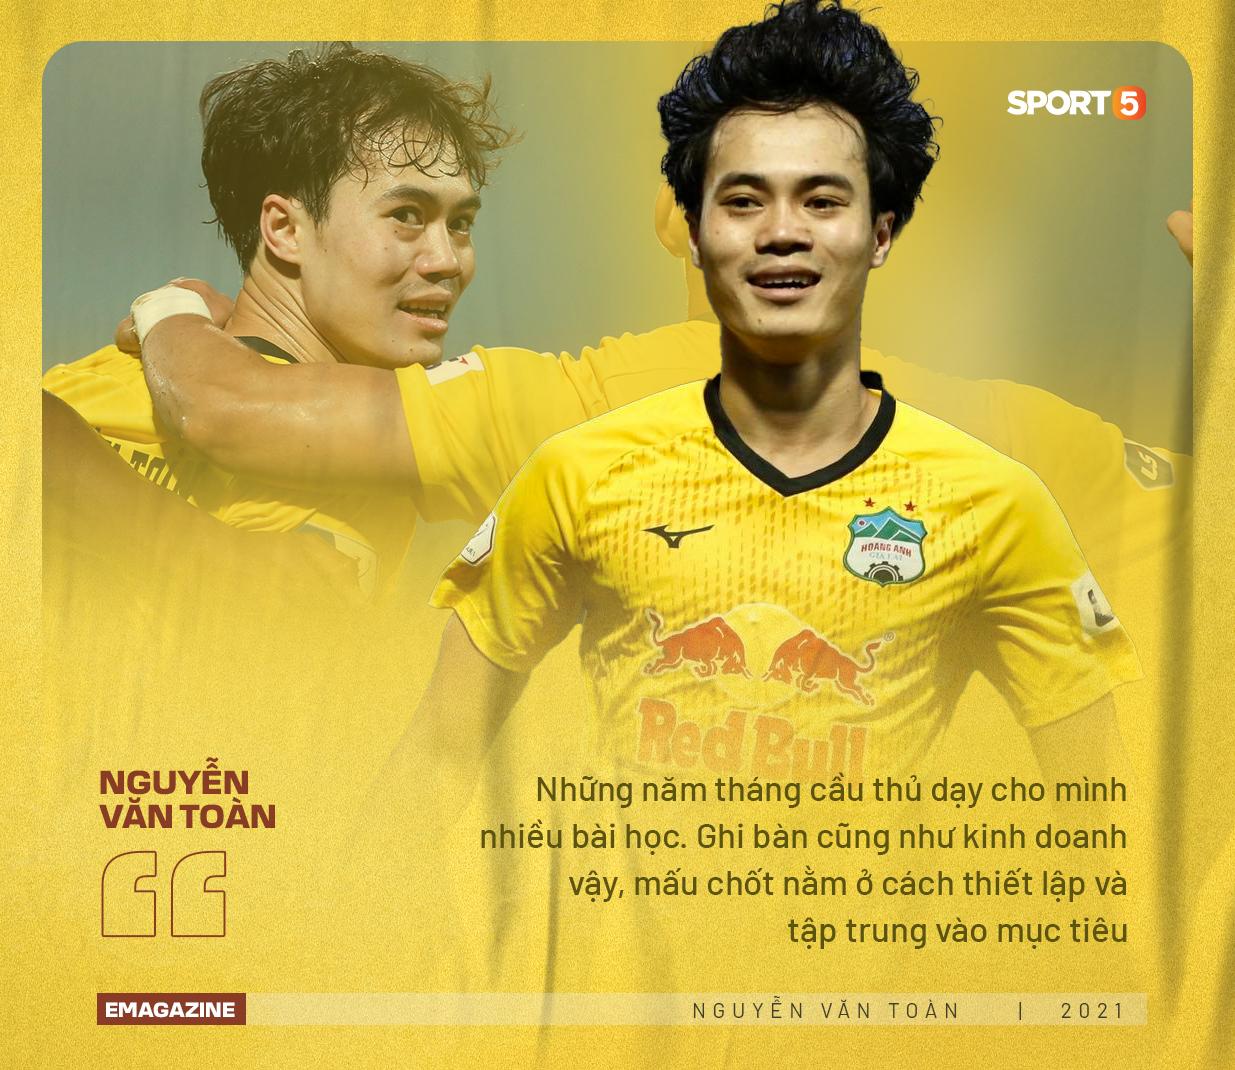 """Nguyễn Văn Toàn: """"Tôi muốn được nhớ đến là một cầu thủ thành công, và doanh nhân thành đạt""""  - Ảnh 2."""